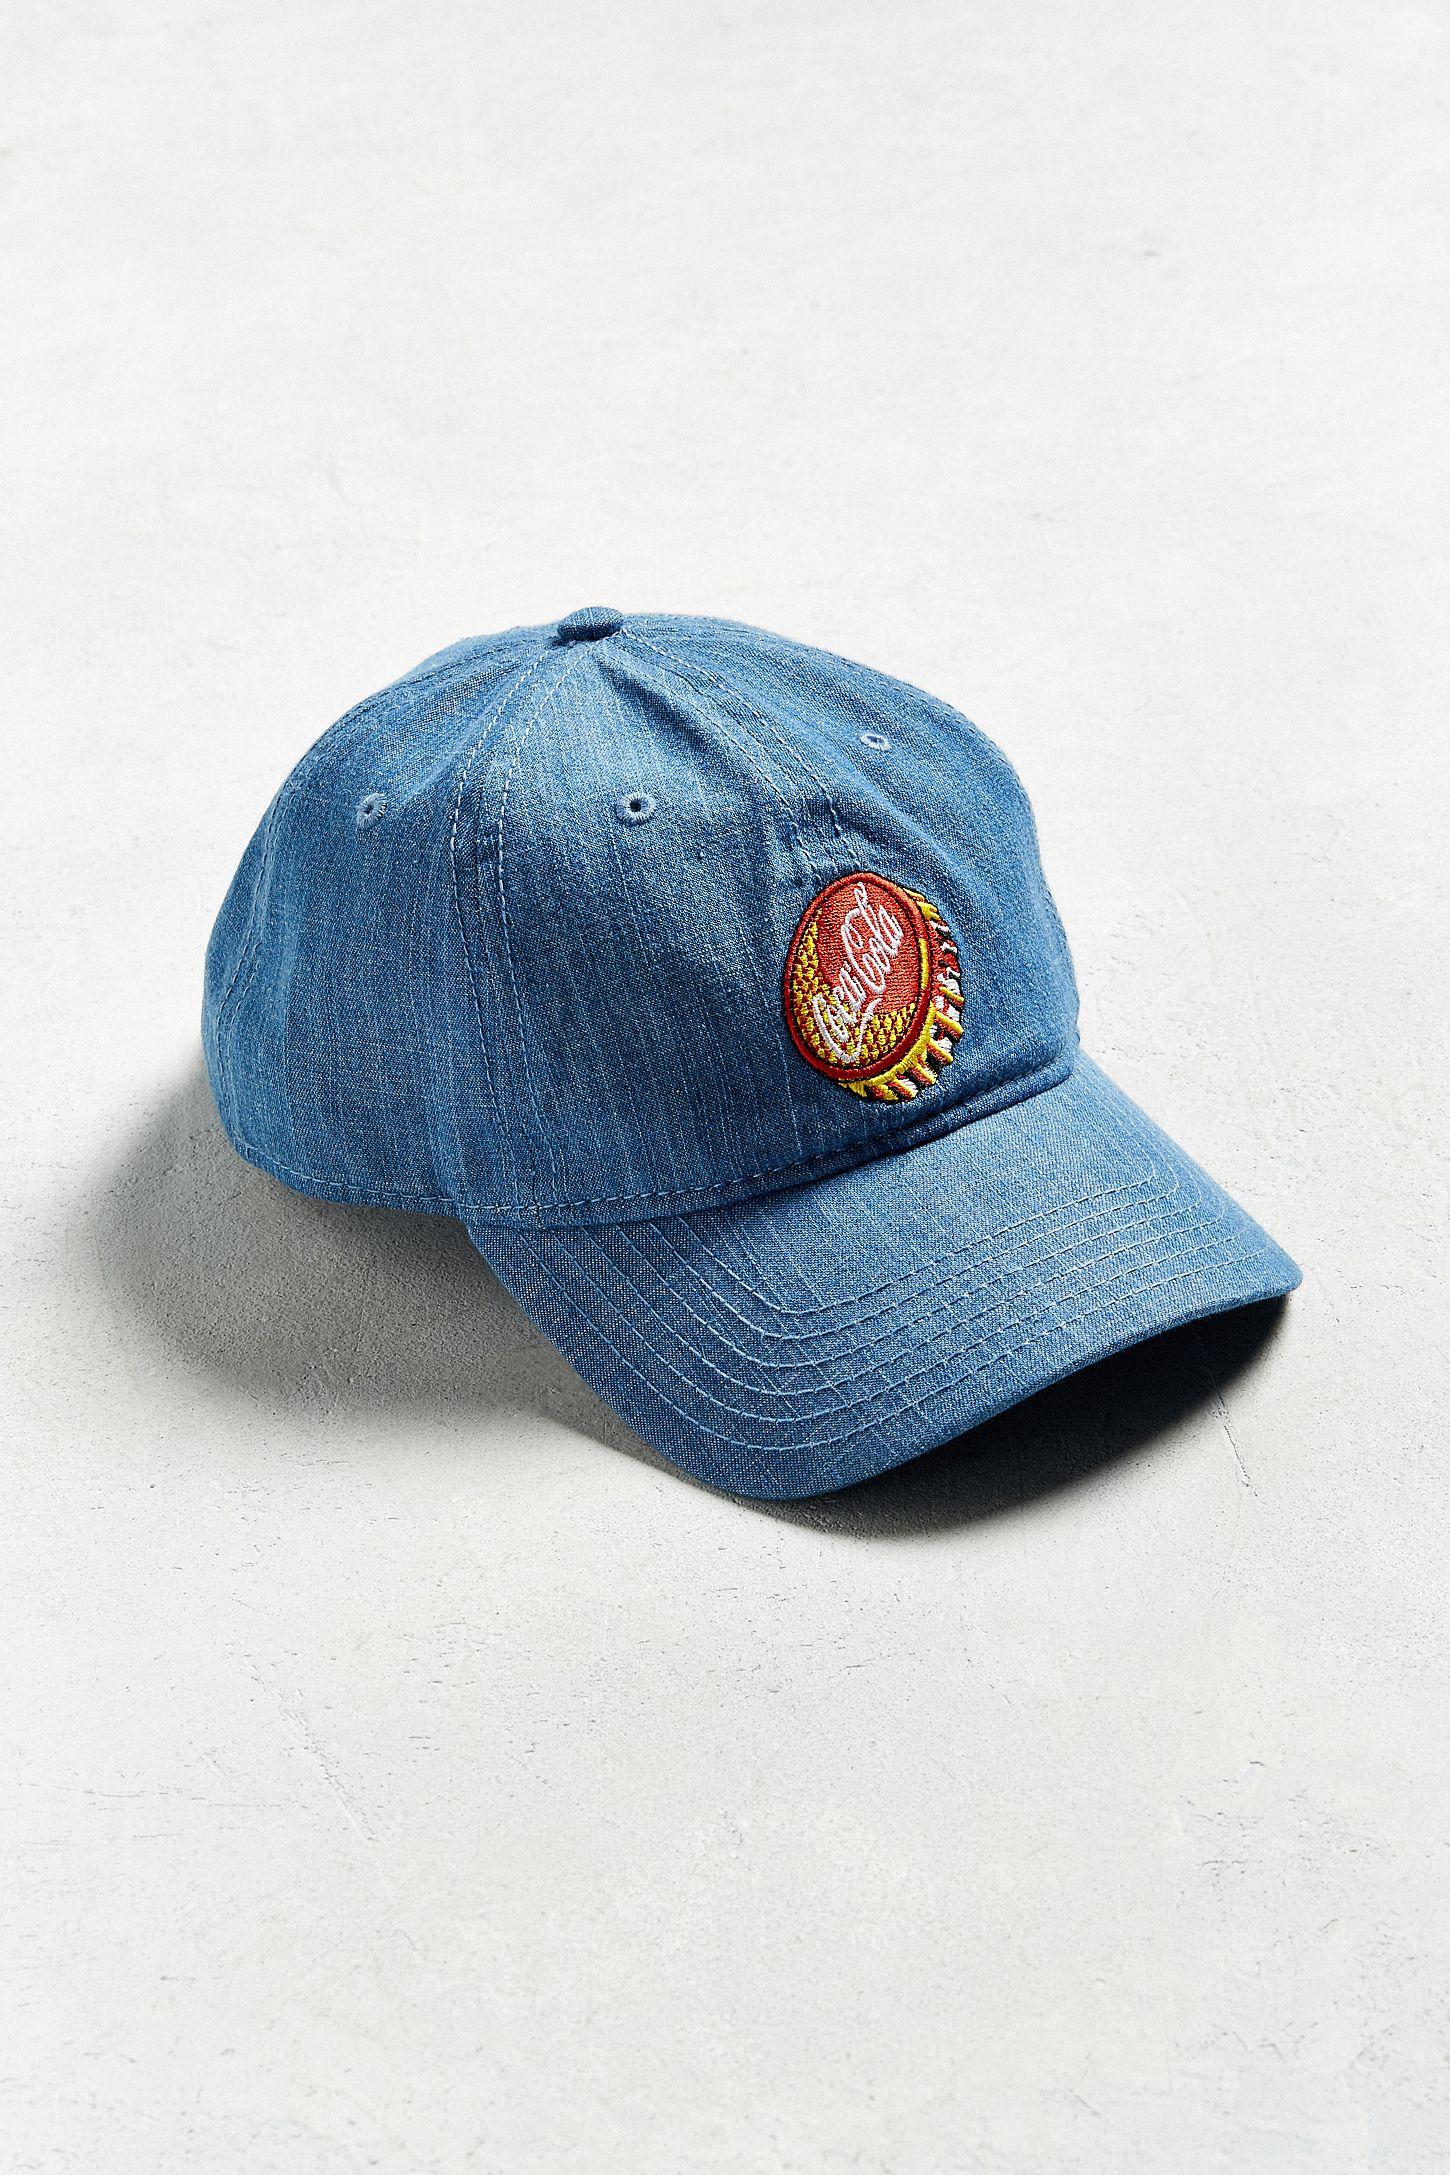 5b617b6b805 Coca-Cola Cap Dad Hat